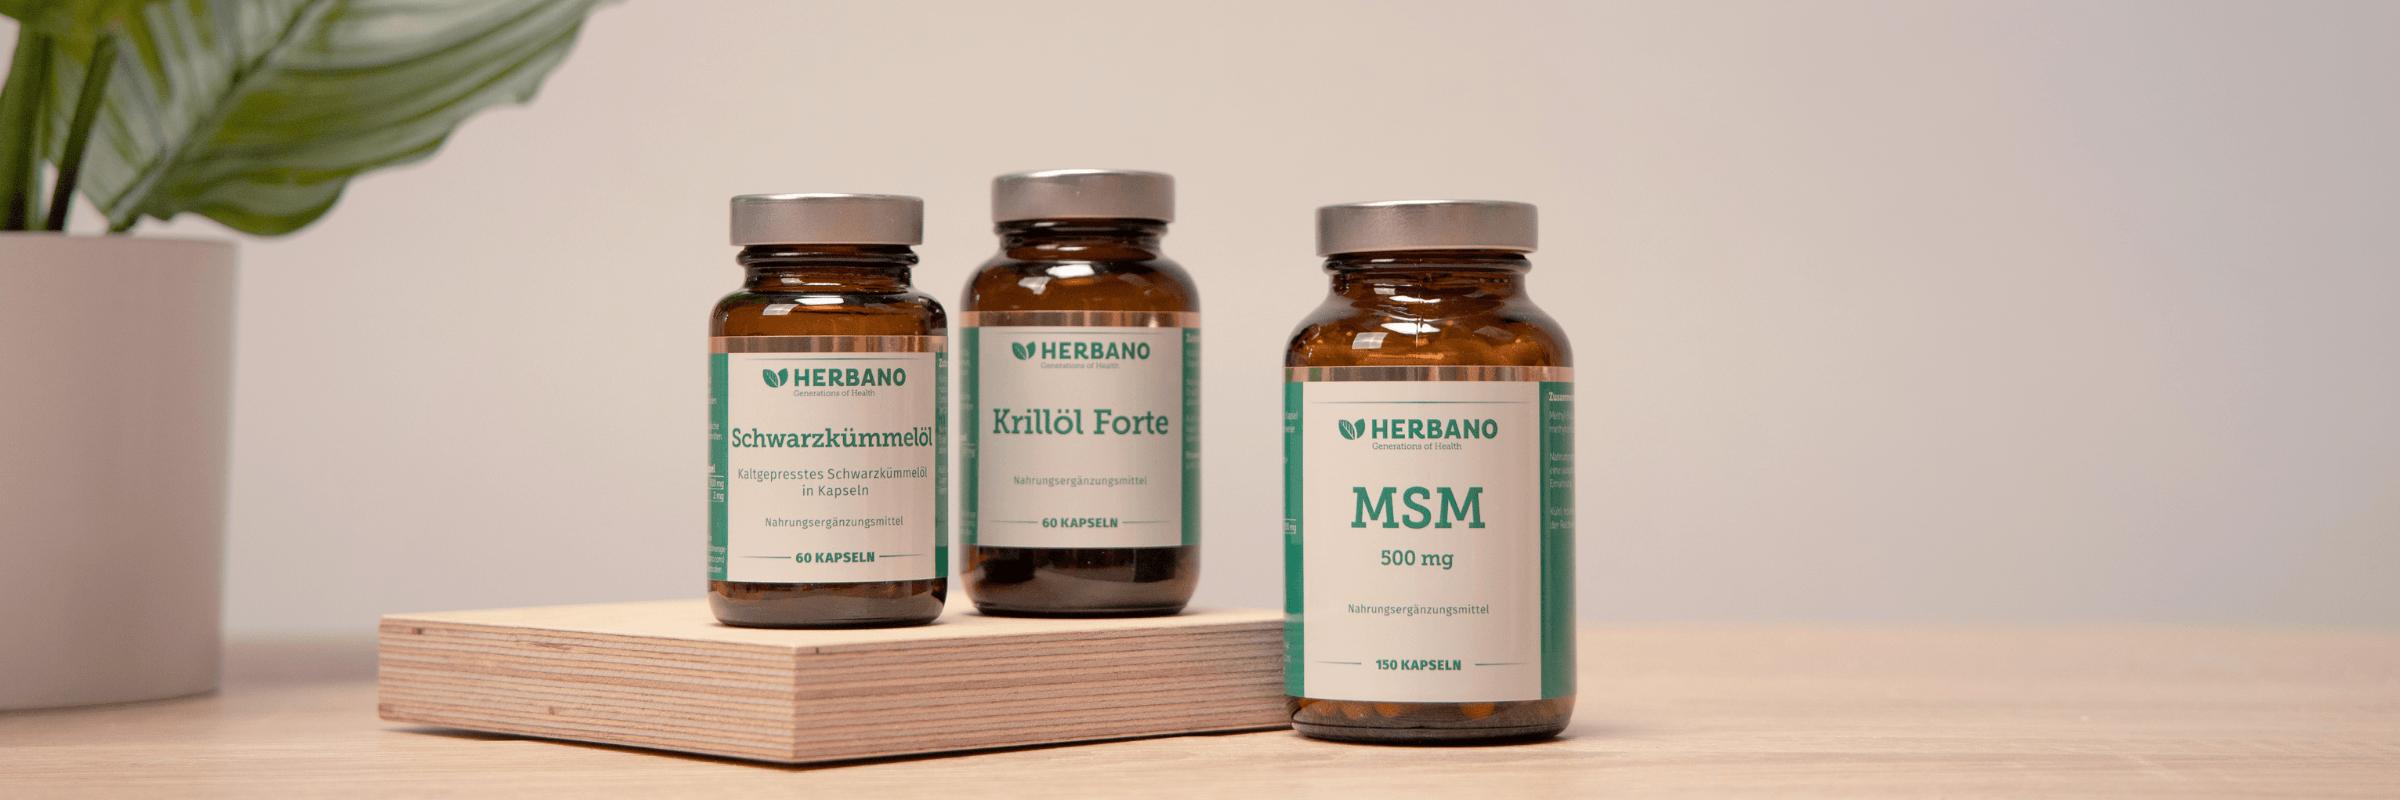 Schwarzkuemmeloel, Krilloel und MSM gegen Allergien